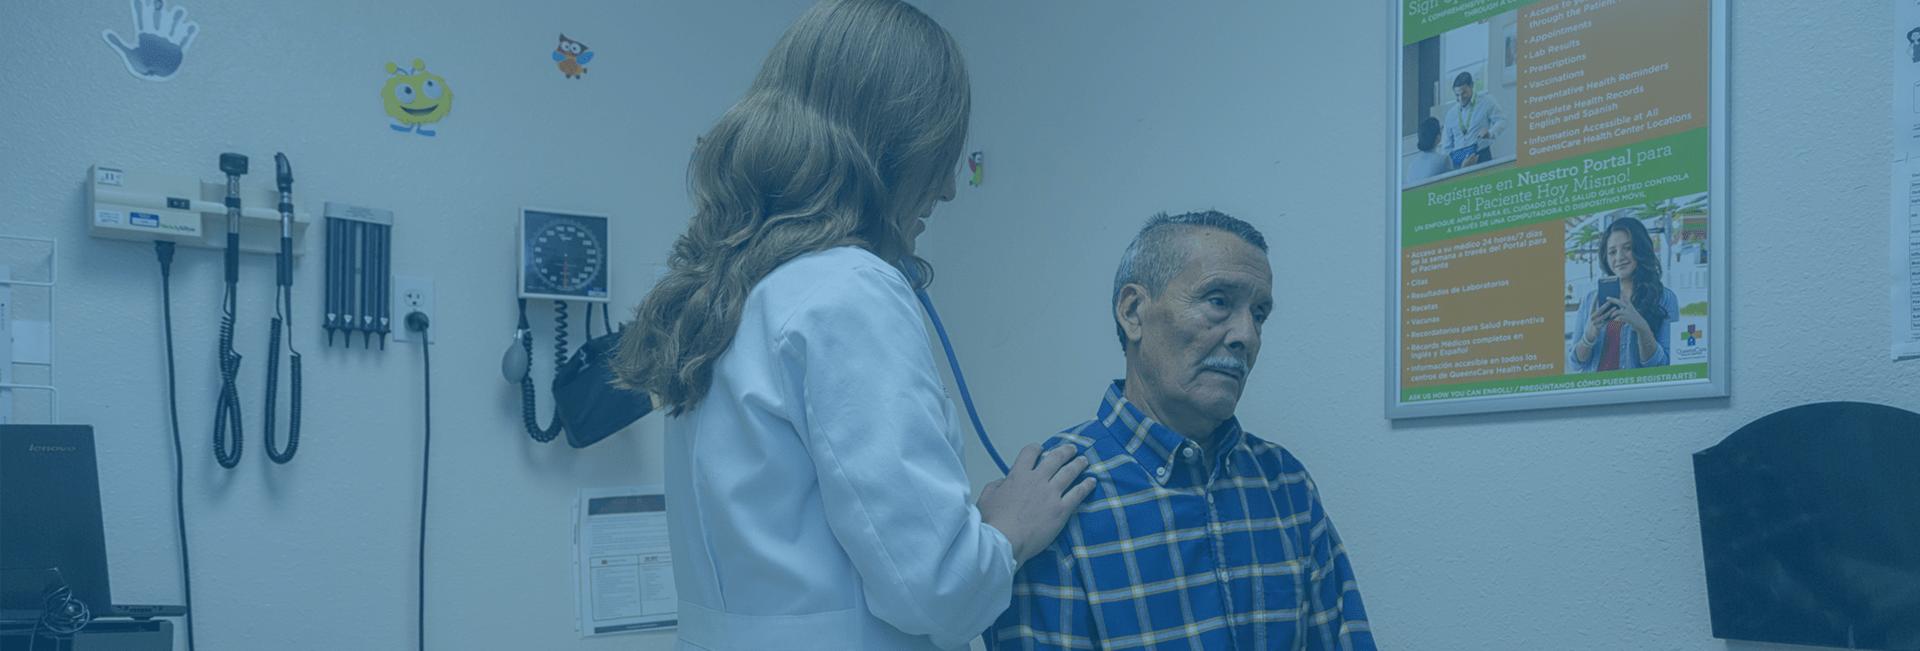 Gestión de la salud de QHC